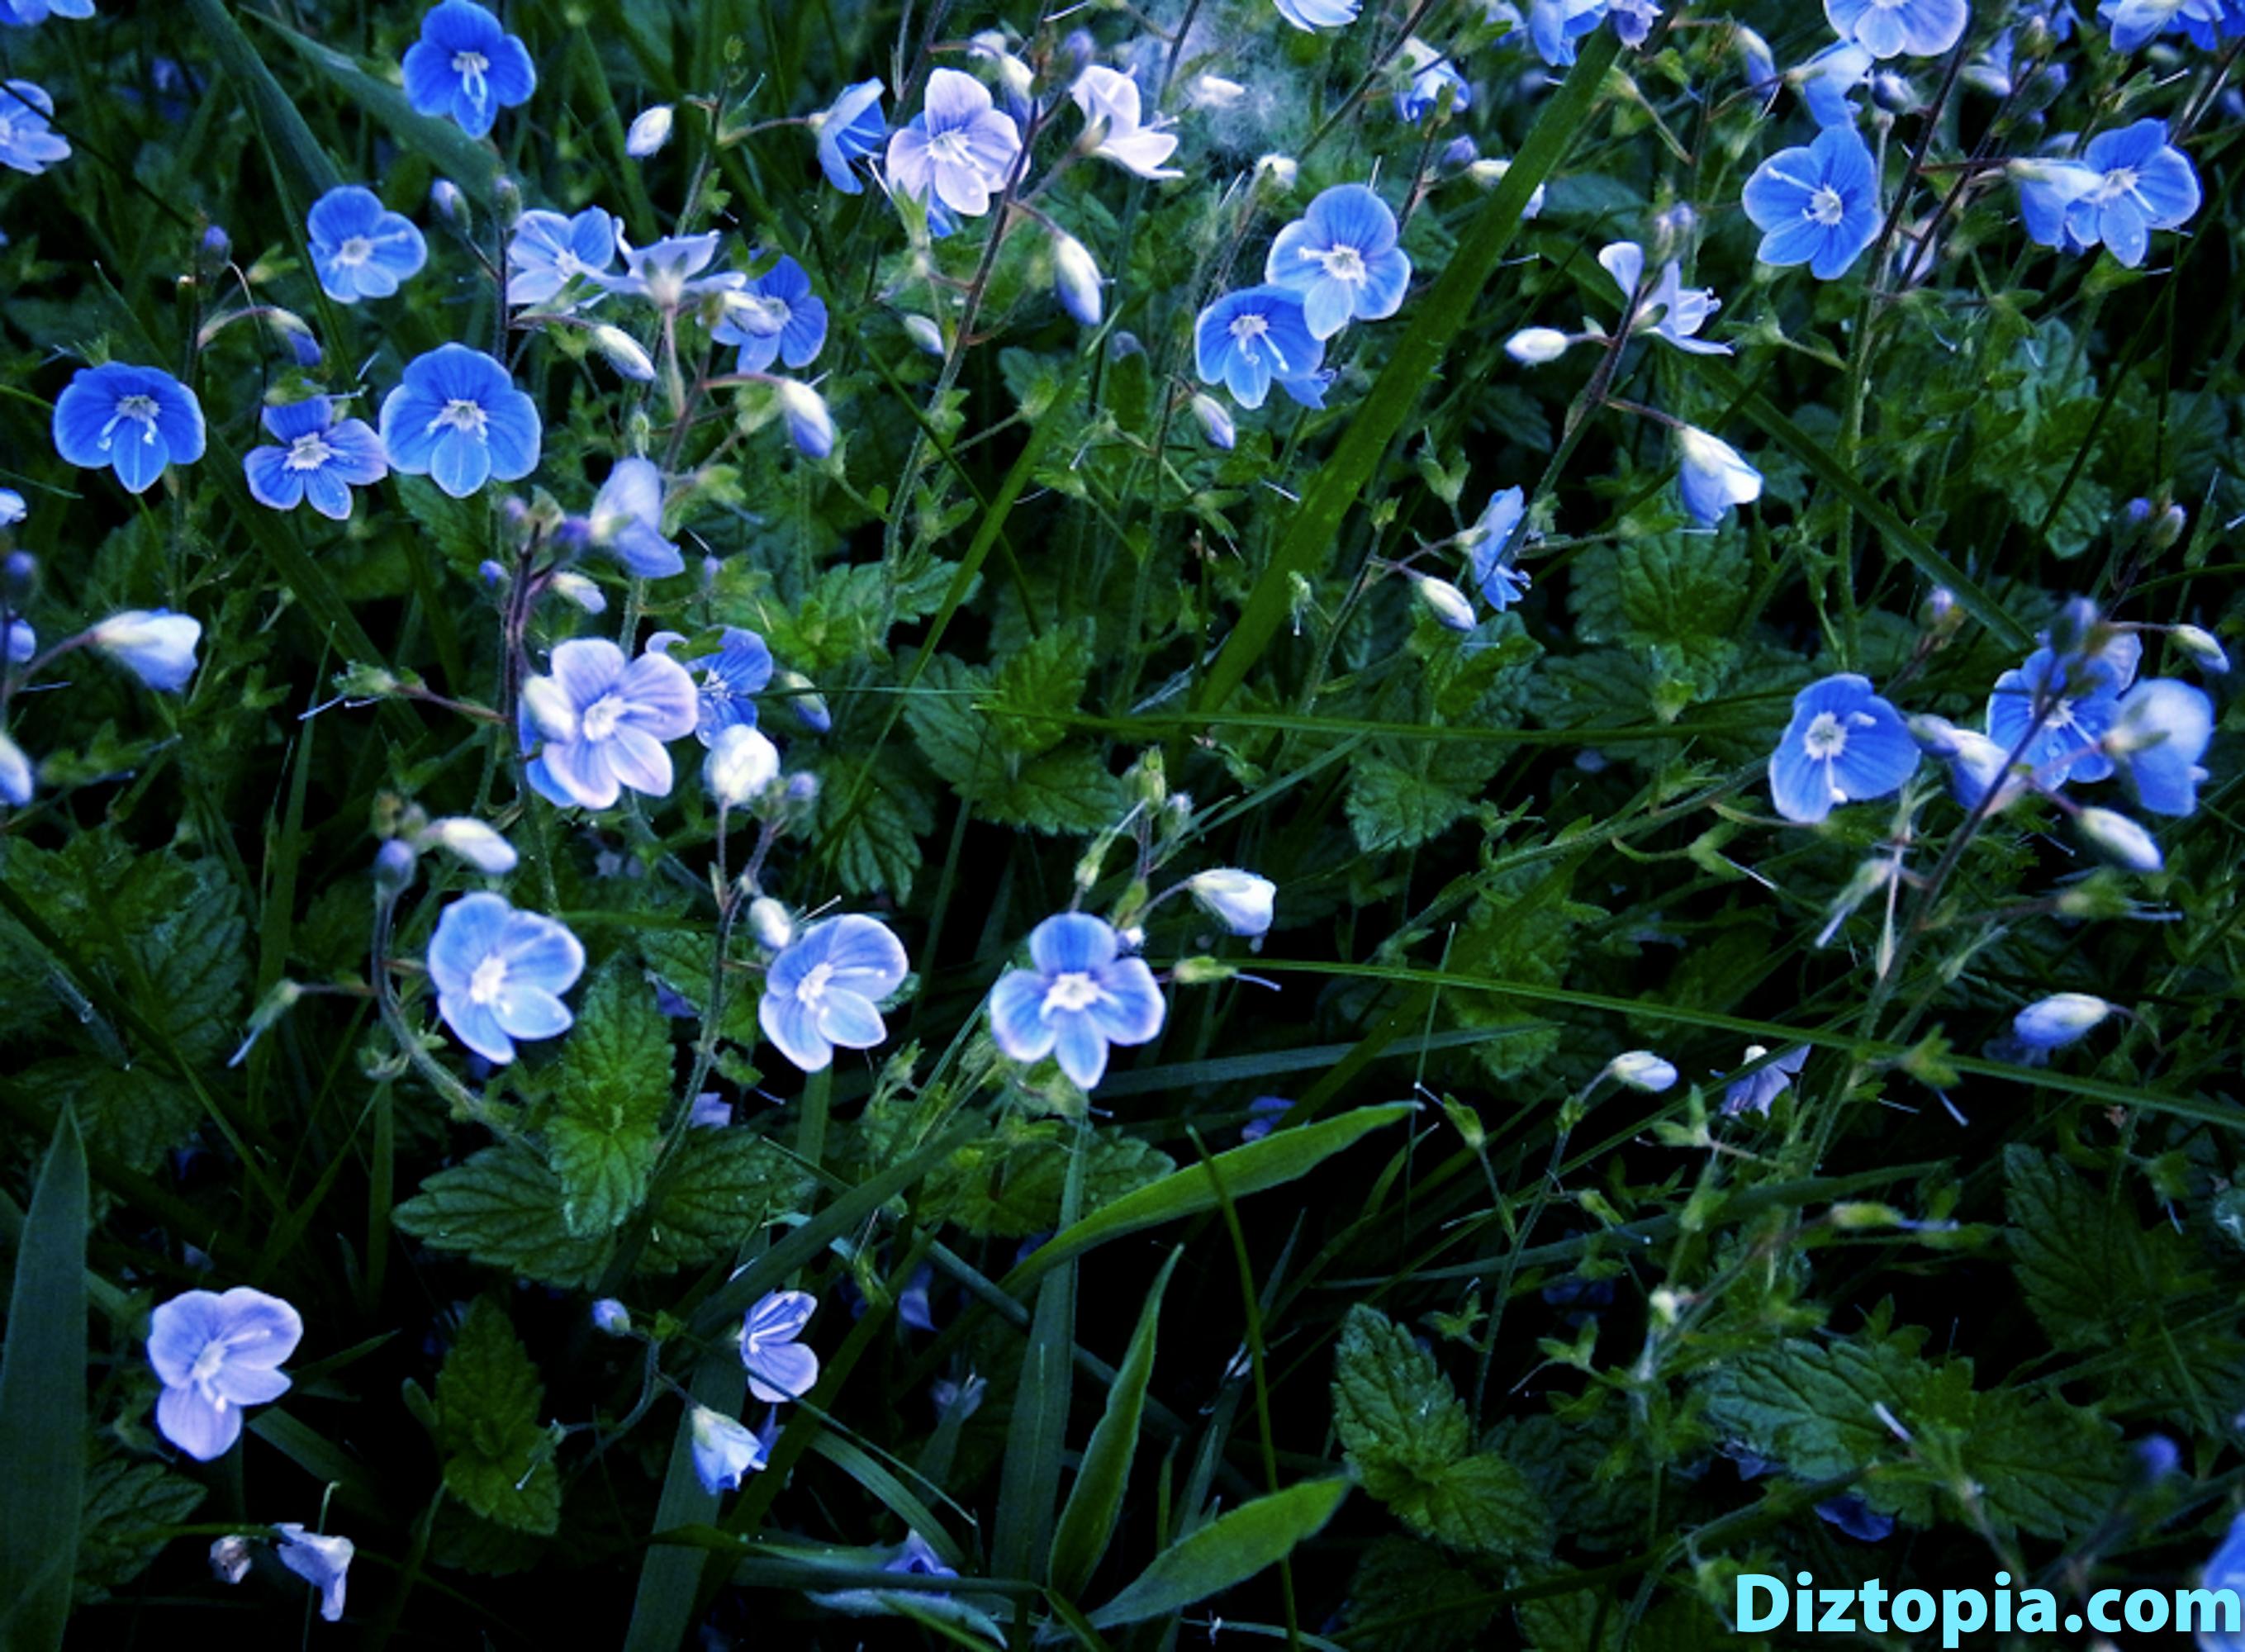 diztopia-com-dizma_dahl-photography-digicam-10